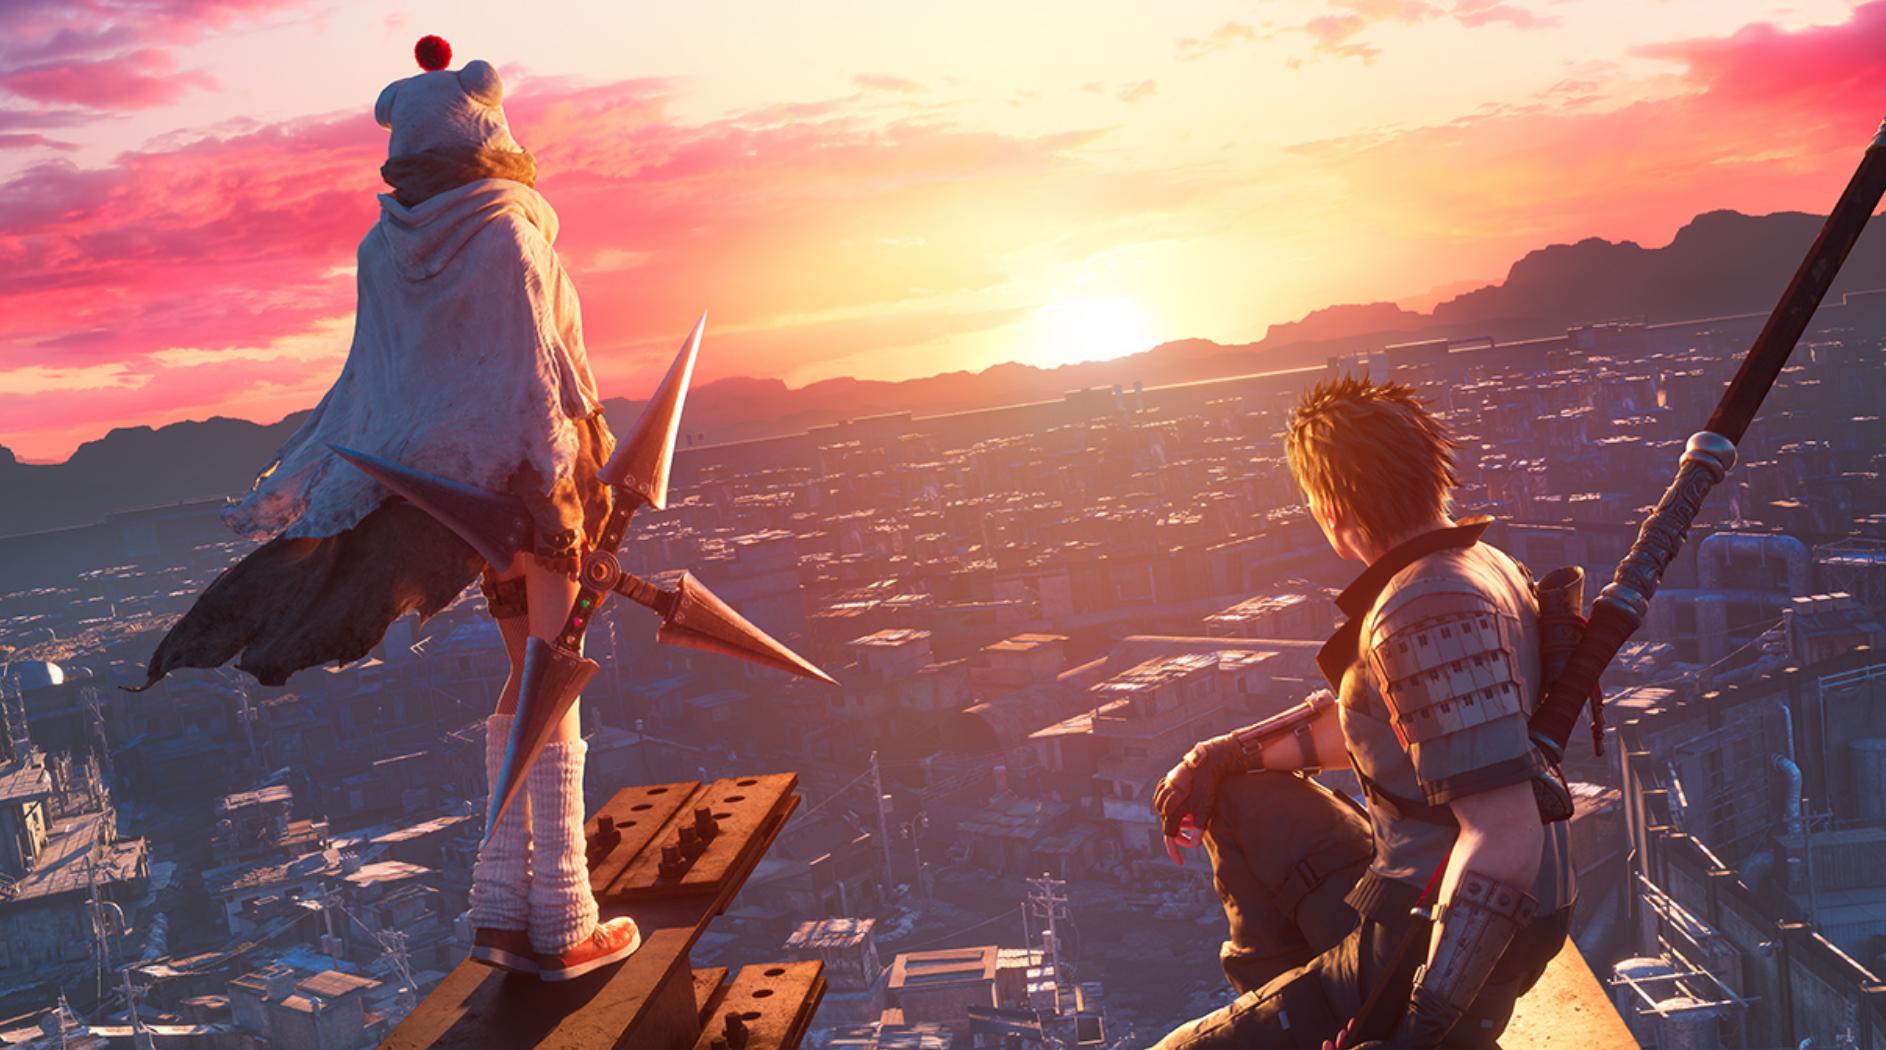 🔥 Square Enix расширит историю Final Fantasy 7 Remake 📜 в новом DLC о секретном персонаже оригинала 👸